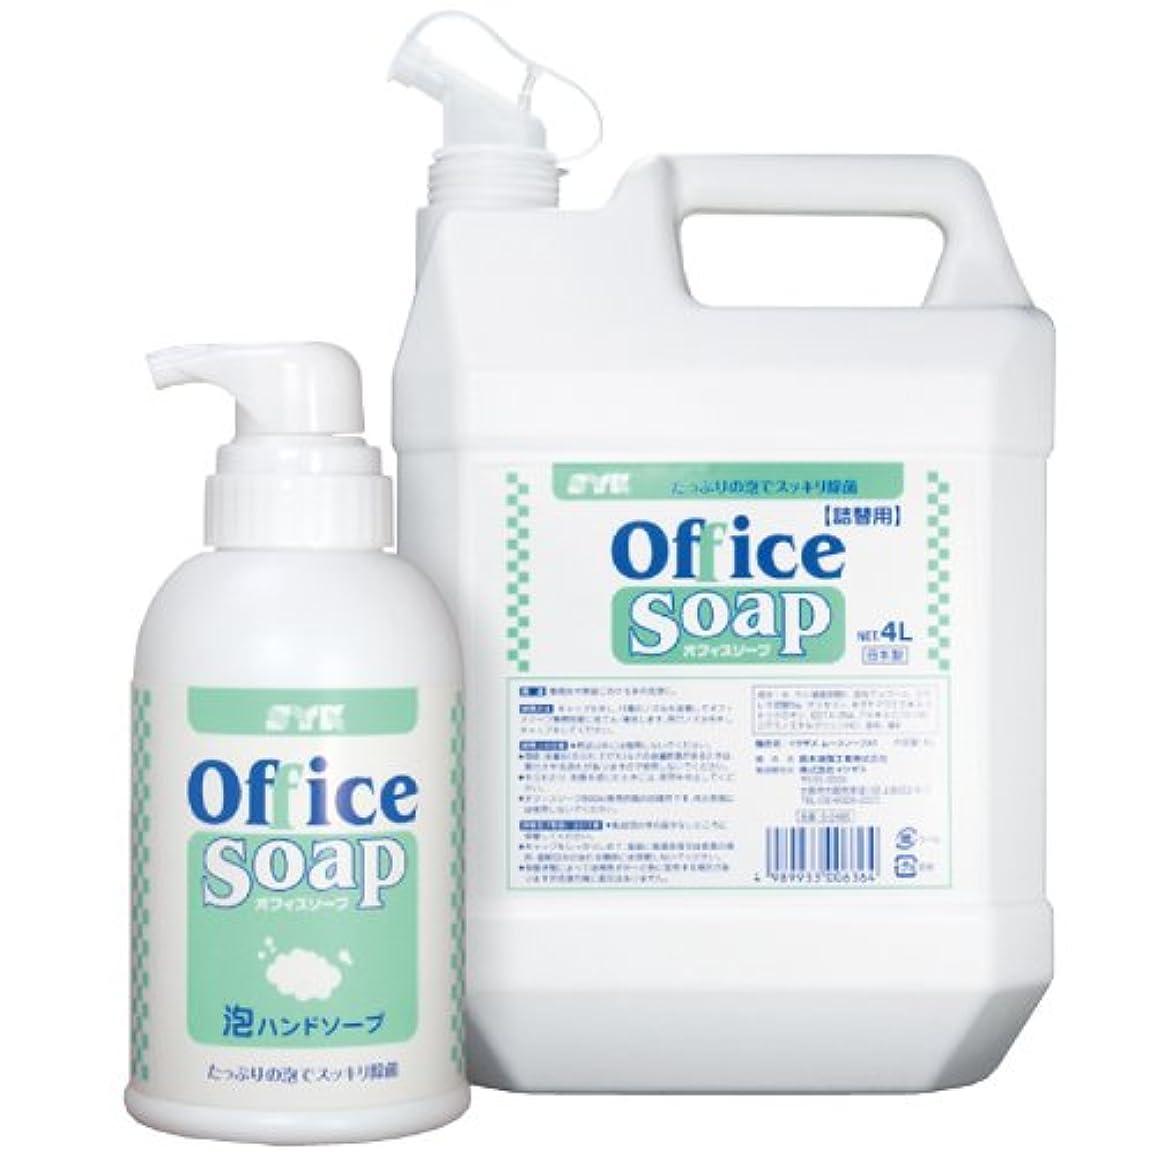 私たちのものカブ疫病鈴木油脂 事務所用手洗い洗剤 業務用 オフィスソープ ポンプ入 780ml×3本